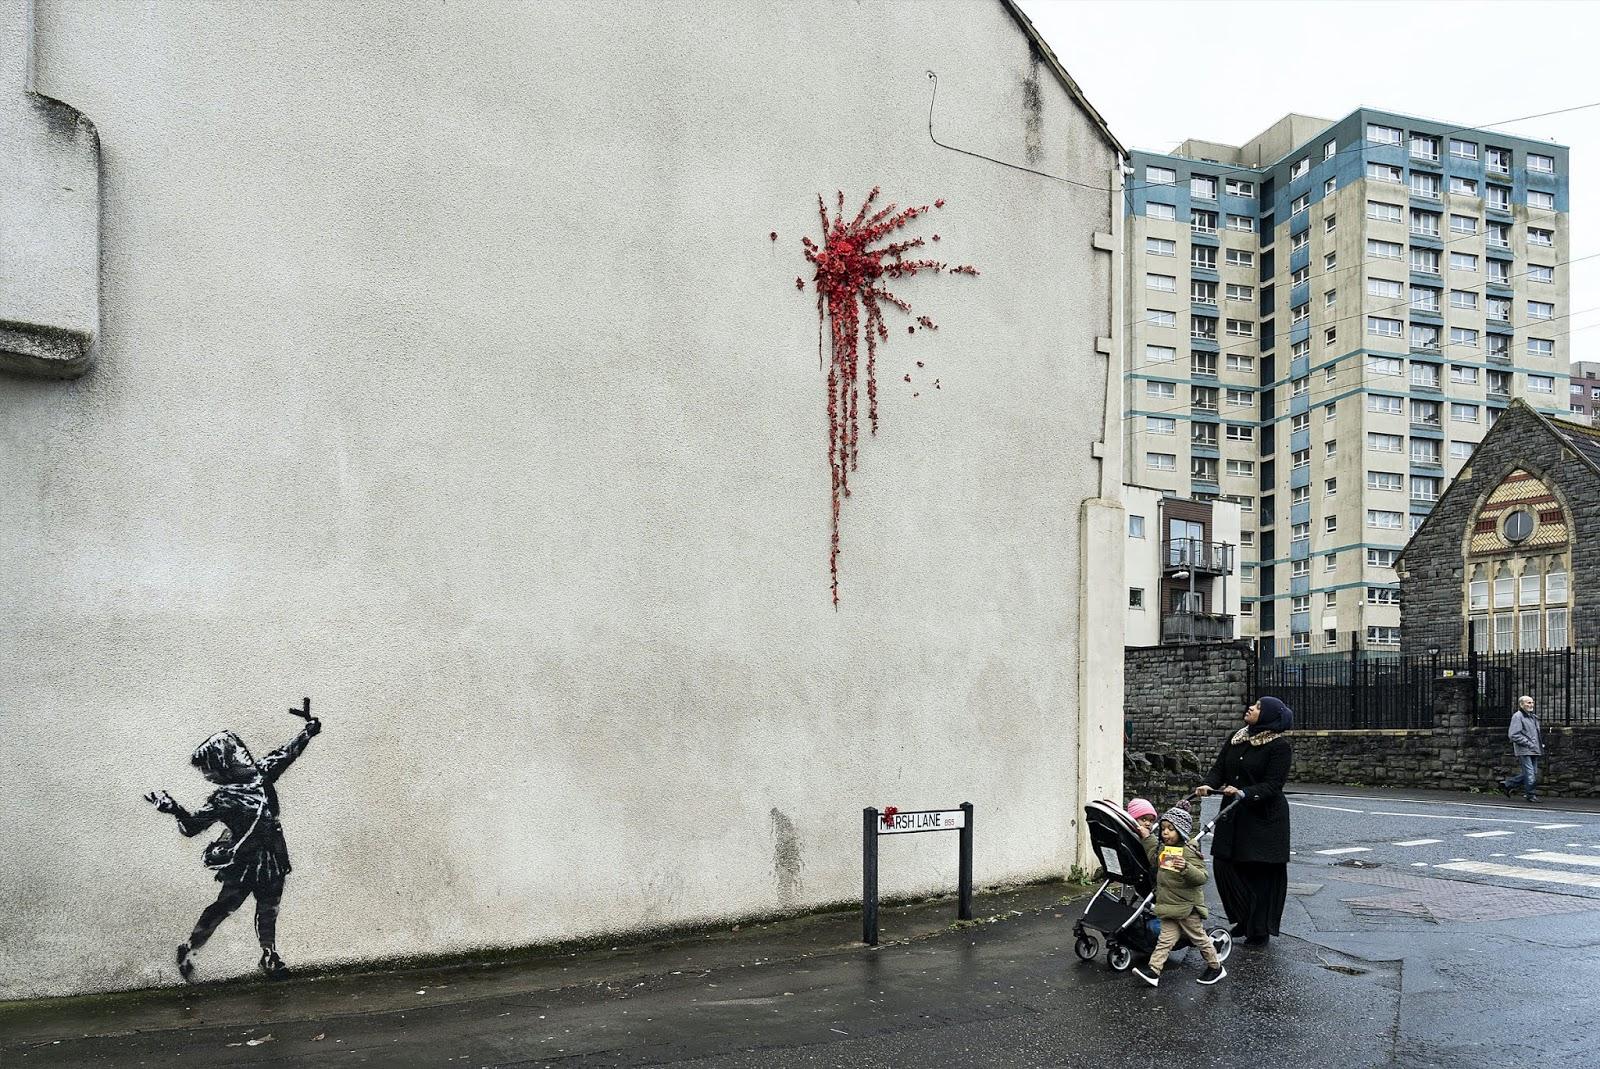 Banksys neues Werk in Bristol schießt Rosen in der Marsh Lane, Bristol